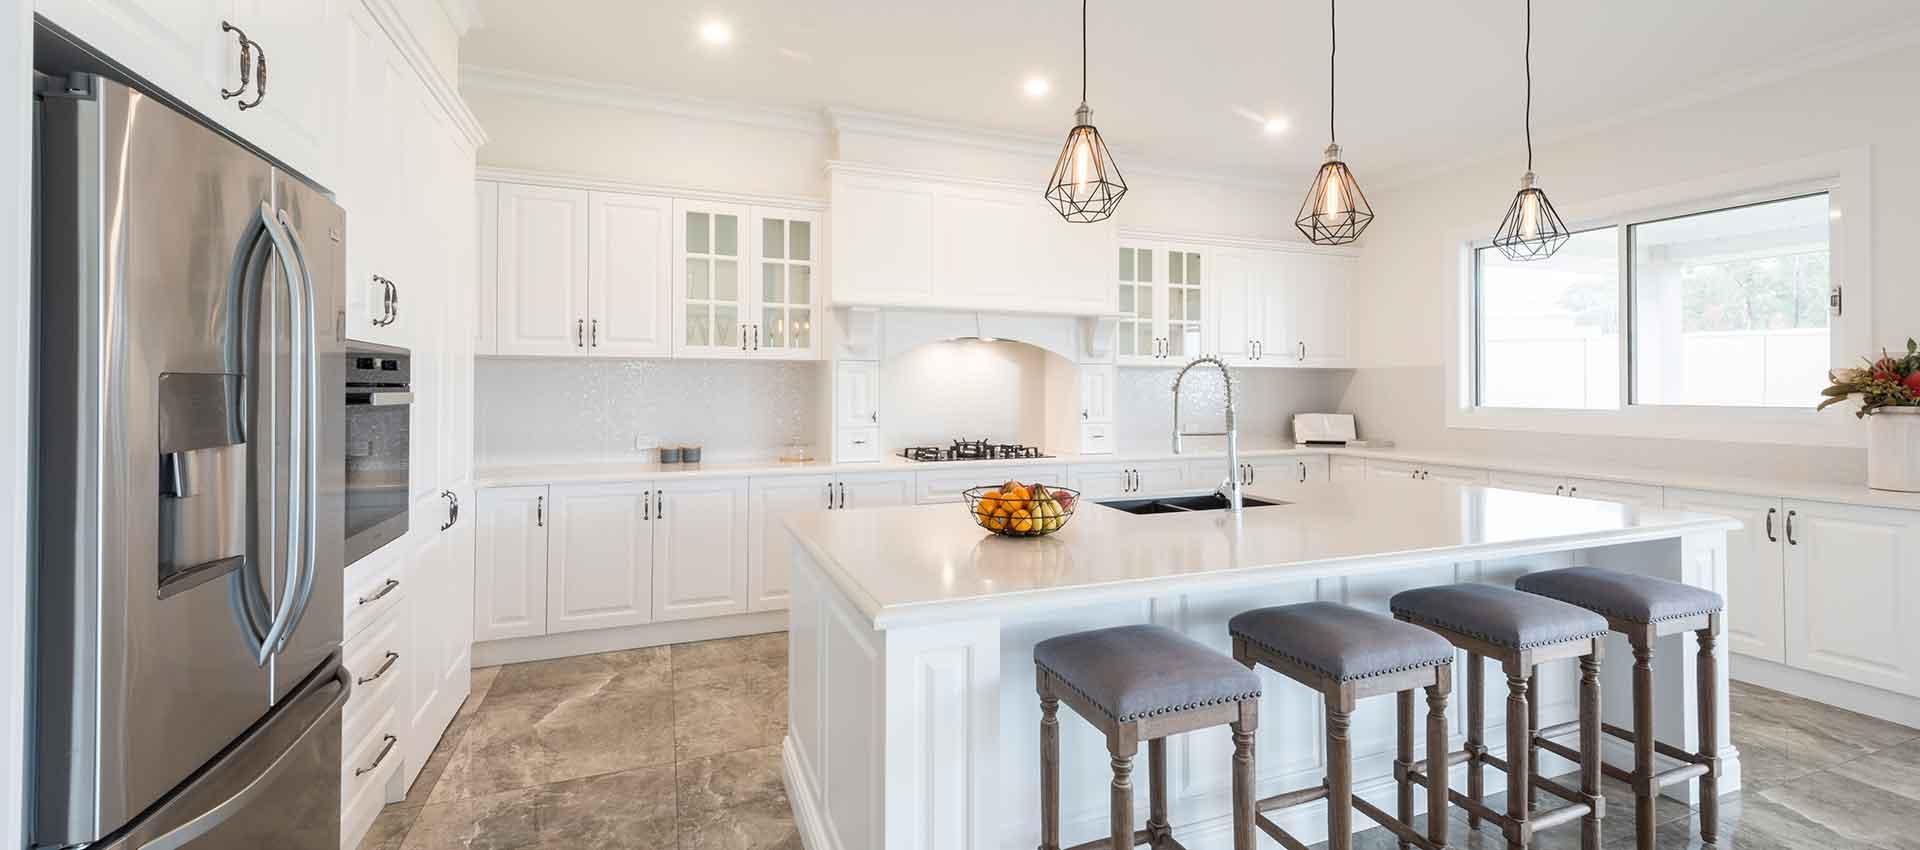 kitchens camden